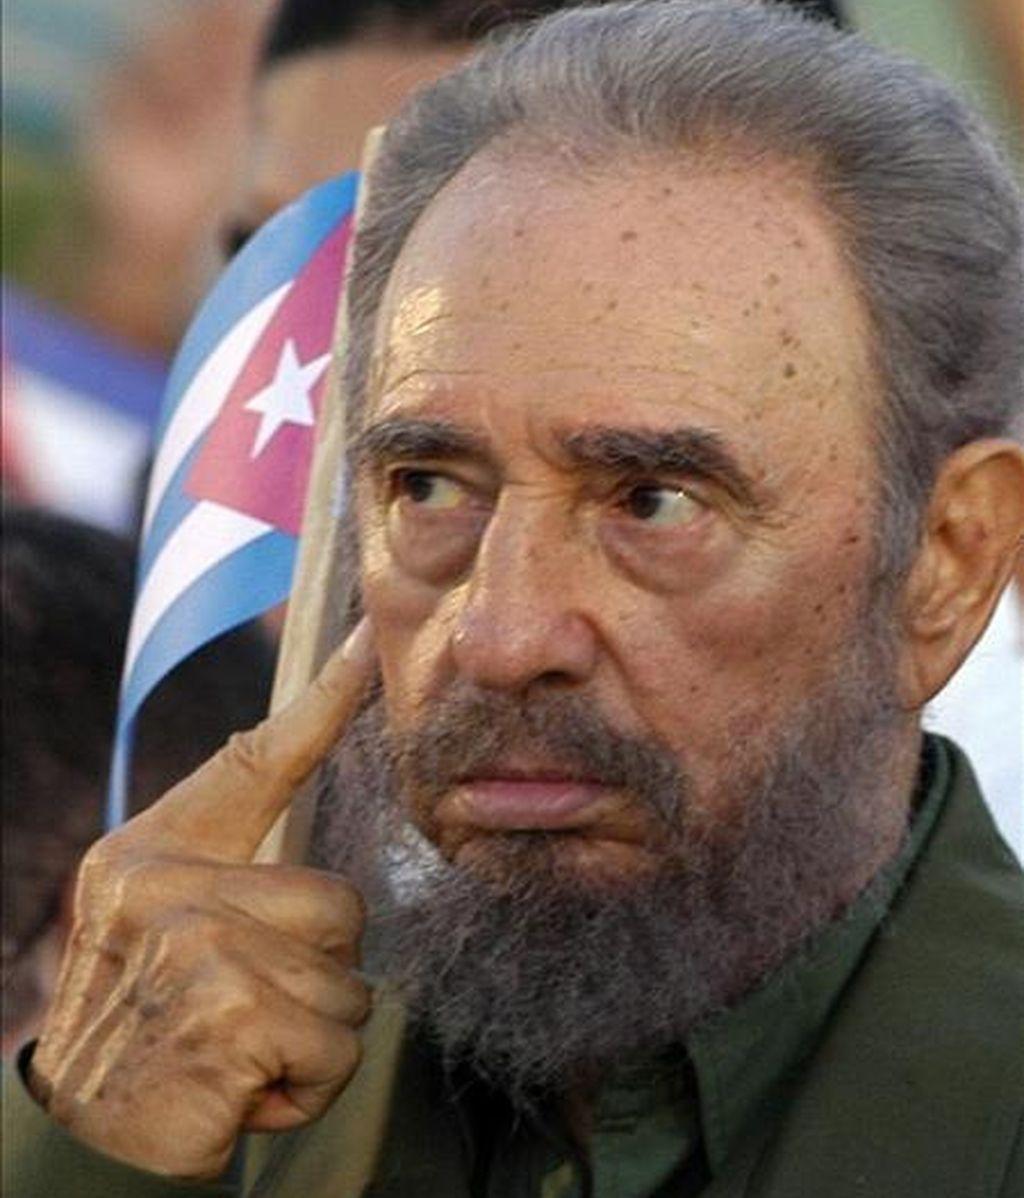 """Fidel Castro afirma que """"es divertido ver cómo se agitan las entrañas del imperio, lleno de problemas y contradicciones insuperables con los pueblos de América Latina, a los que pretende dominar eternamente"""". EFE/Archivo"""